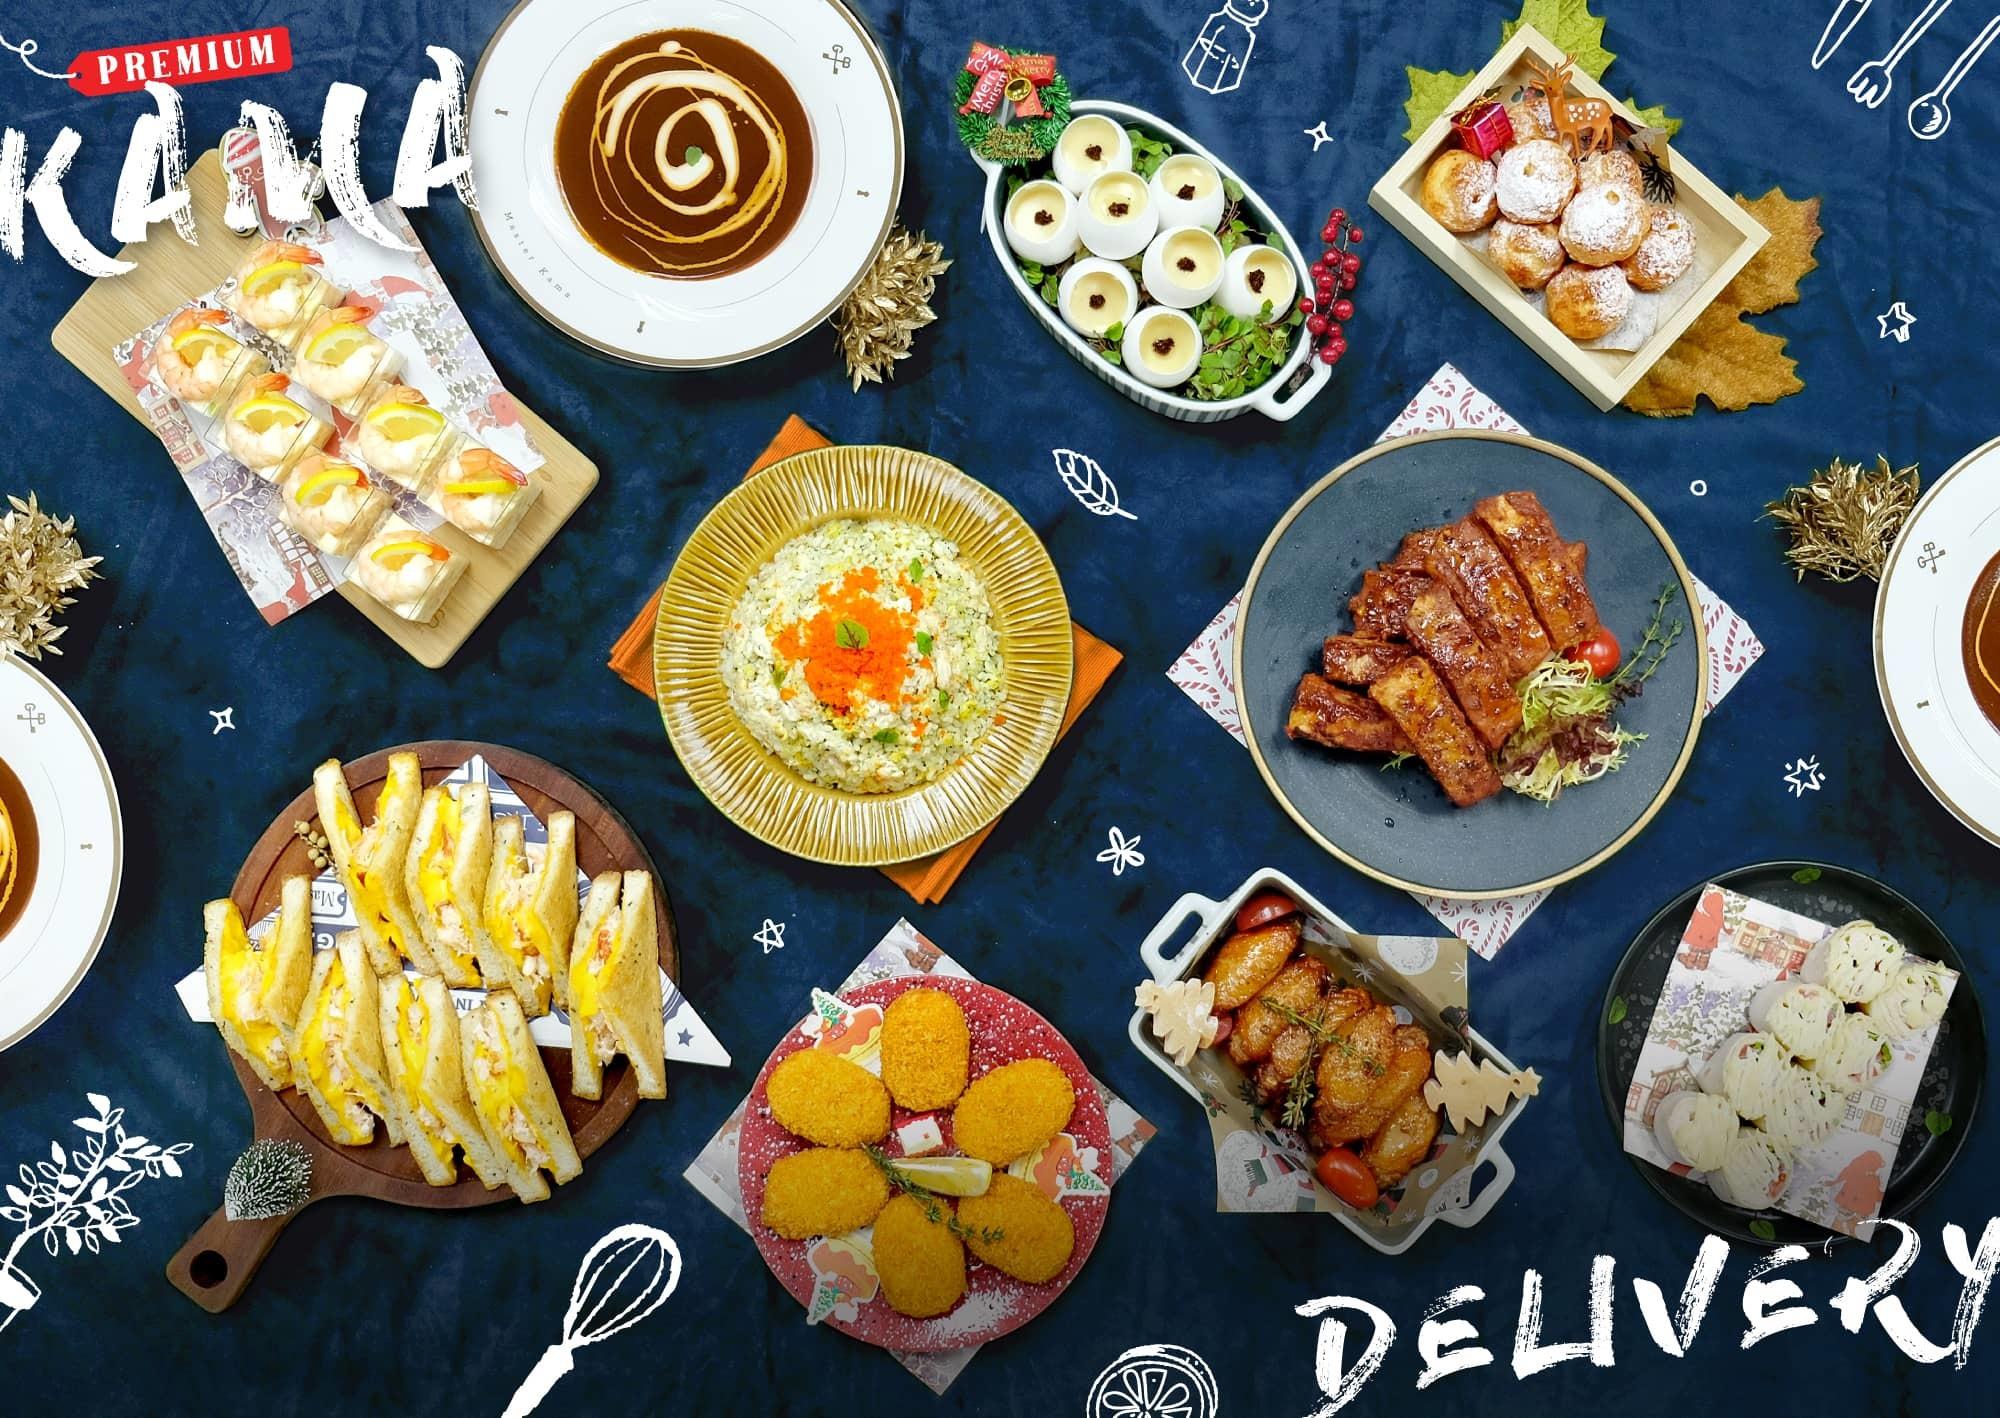 98人外賣套餐推介 Kama Delivery大型直送到會服務 精選自訂人數餐盒 特設全香港免費送貨 大量優質美食任君選擇